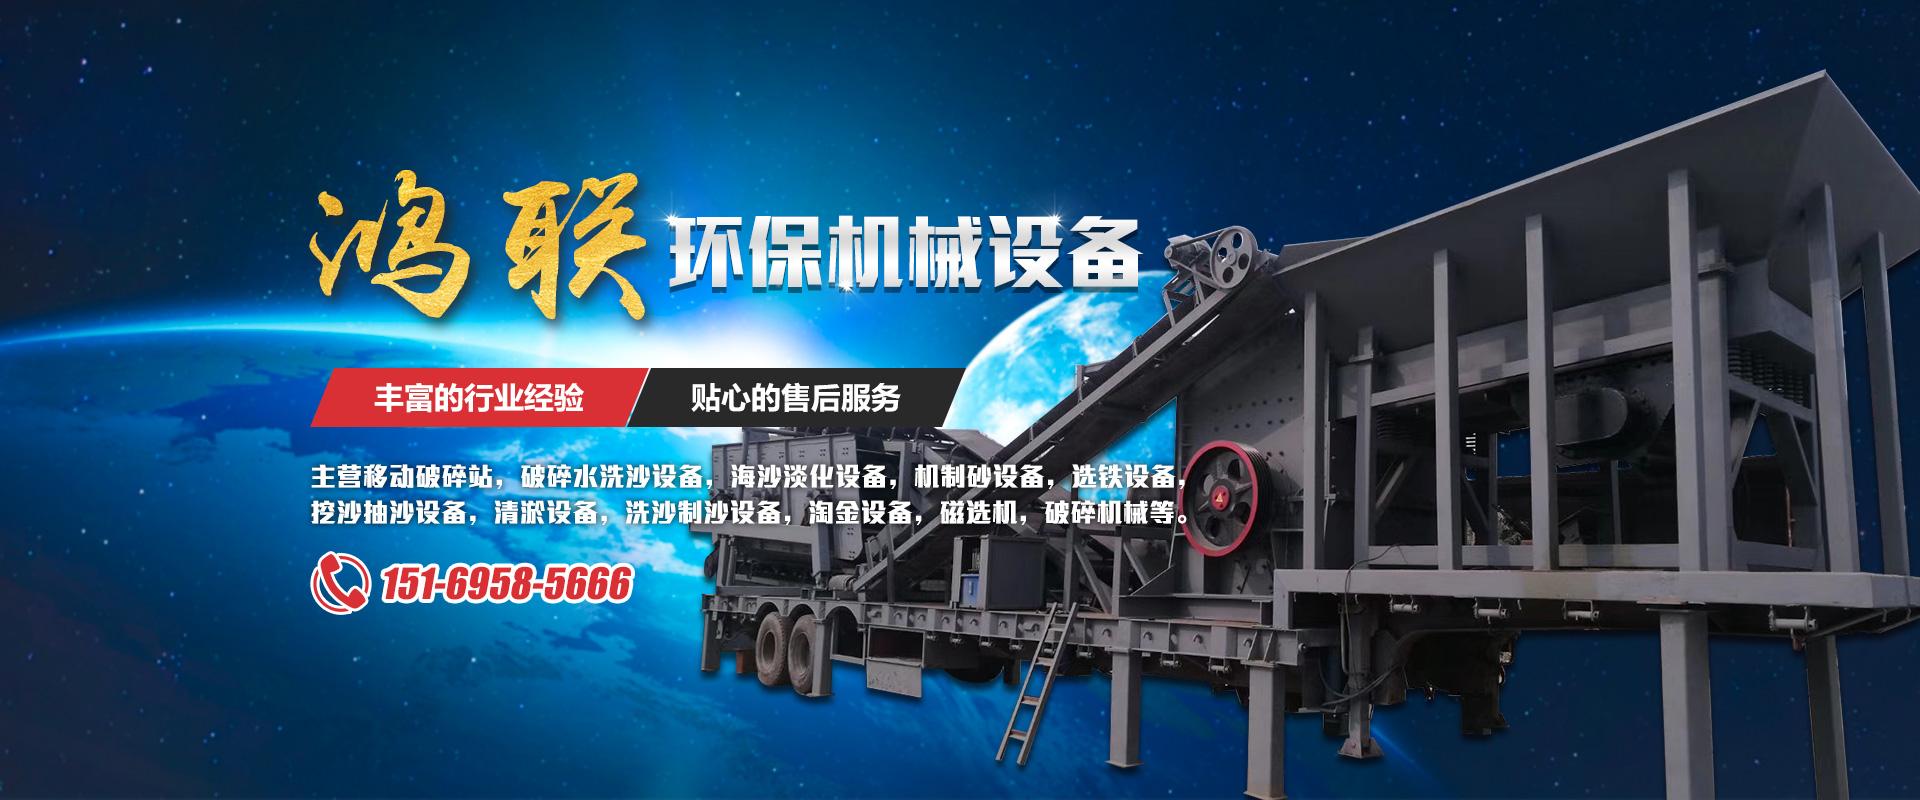 青州市鸿联环保机械设备有限公司